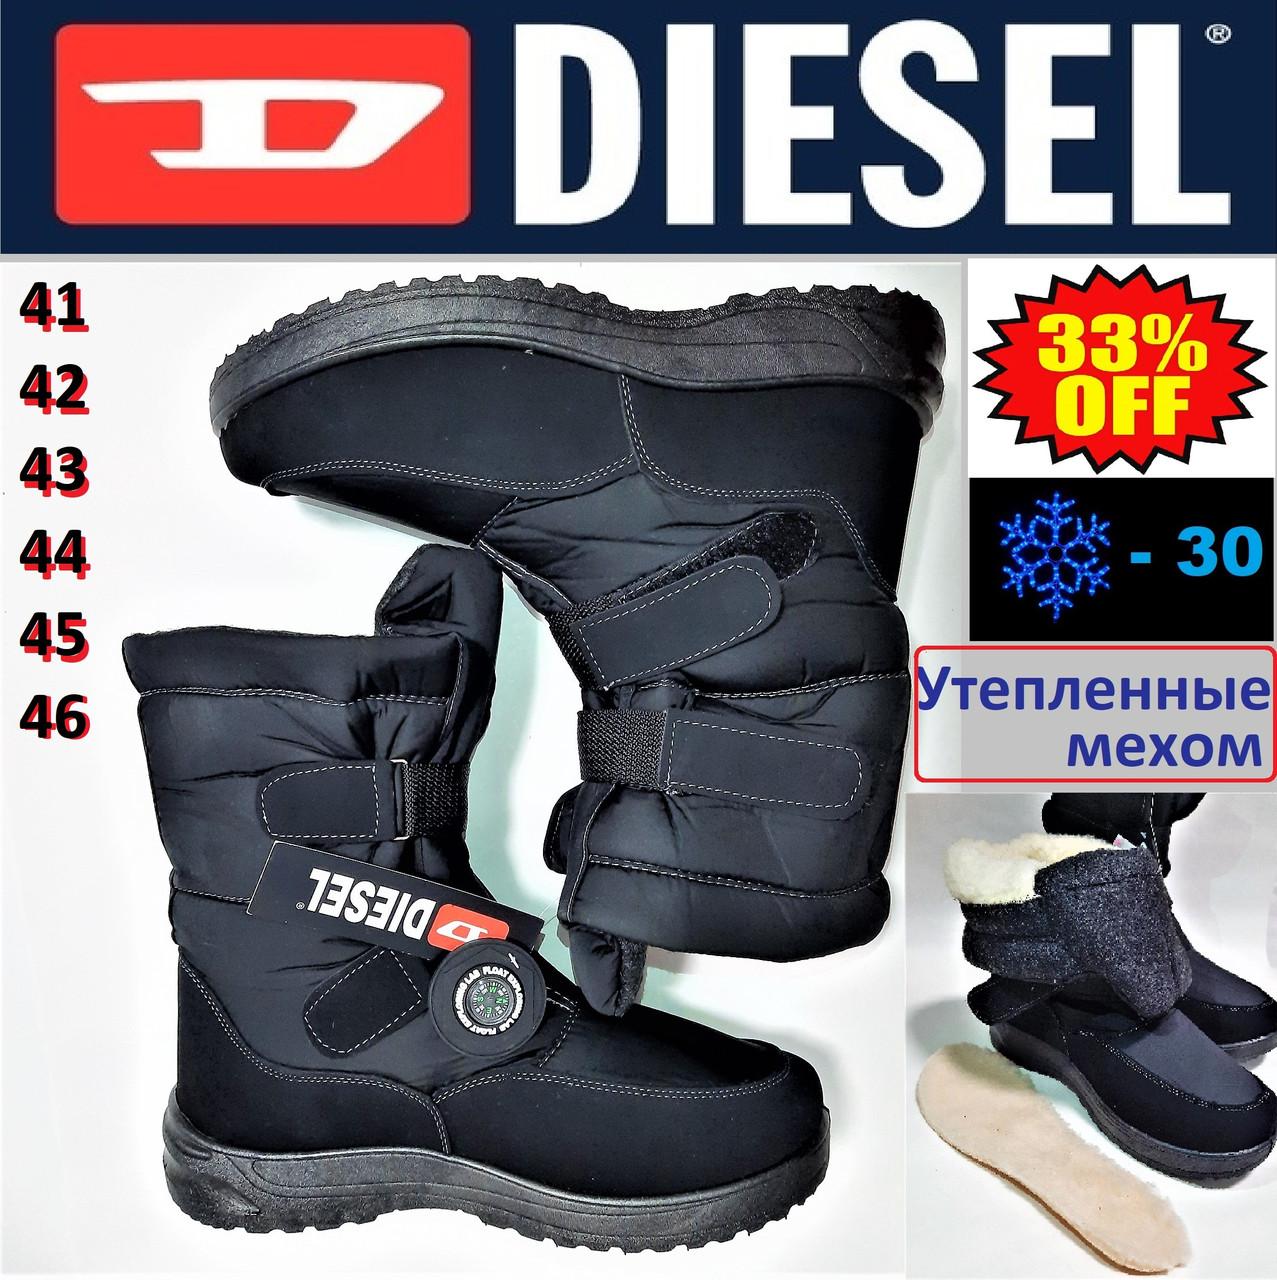 Мужские сапоги зимние меховые, спортивные дутики, ботинки, сноубутсы, для рыбалки и охоты Diesel Compas